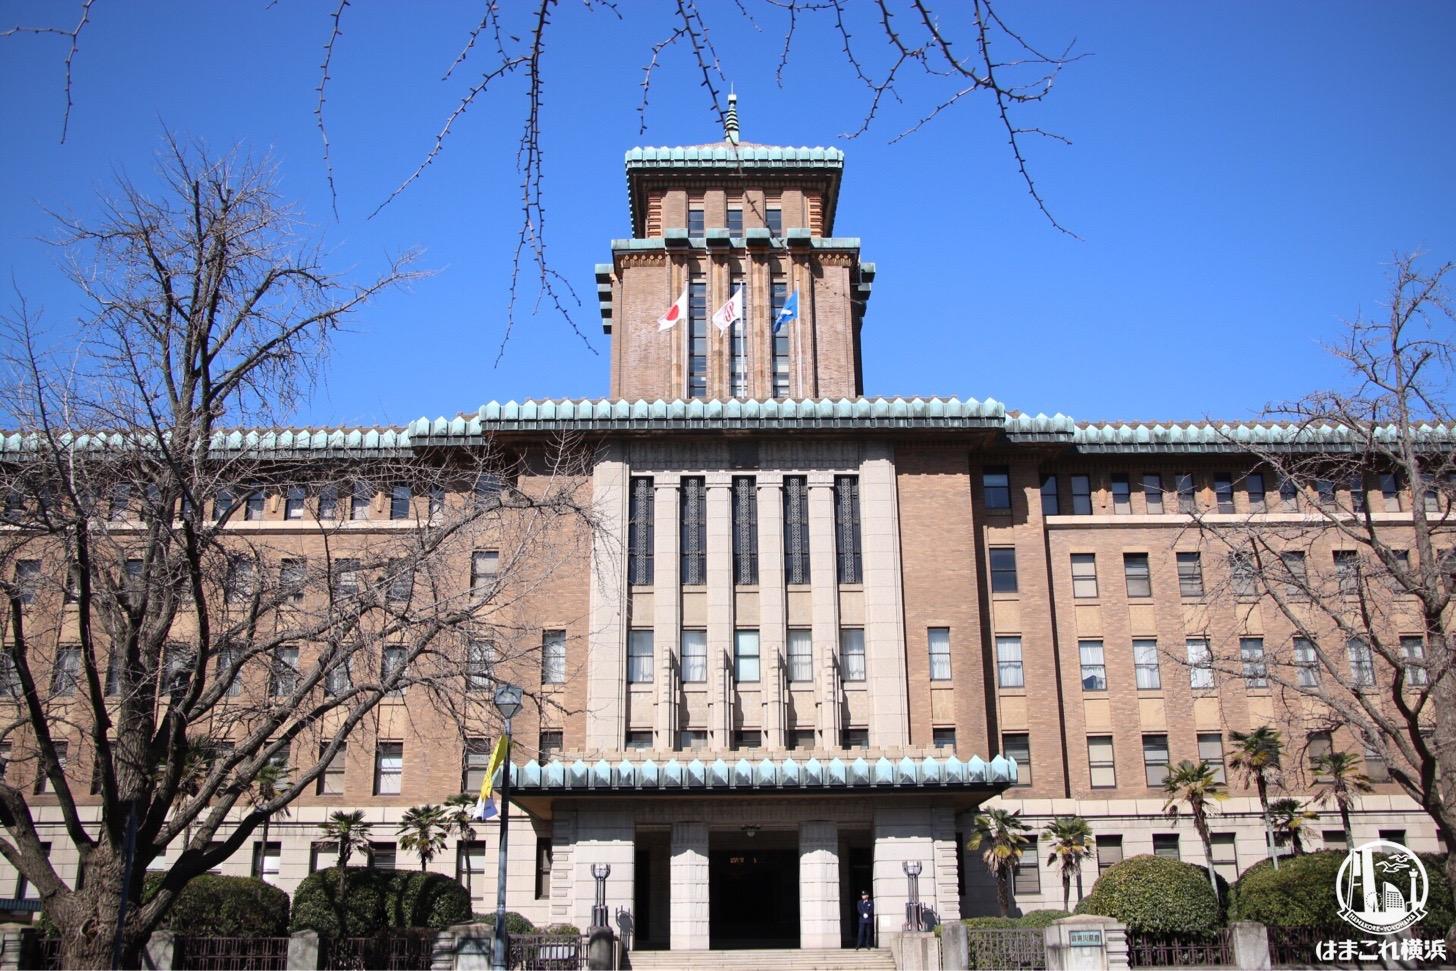 神奈川県、今週末の不要不急の外出自粛要請 コロナファイターにエールを